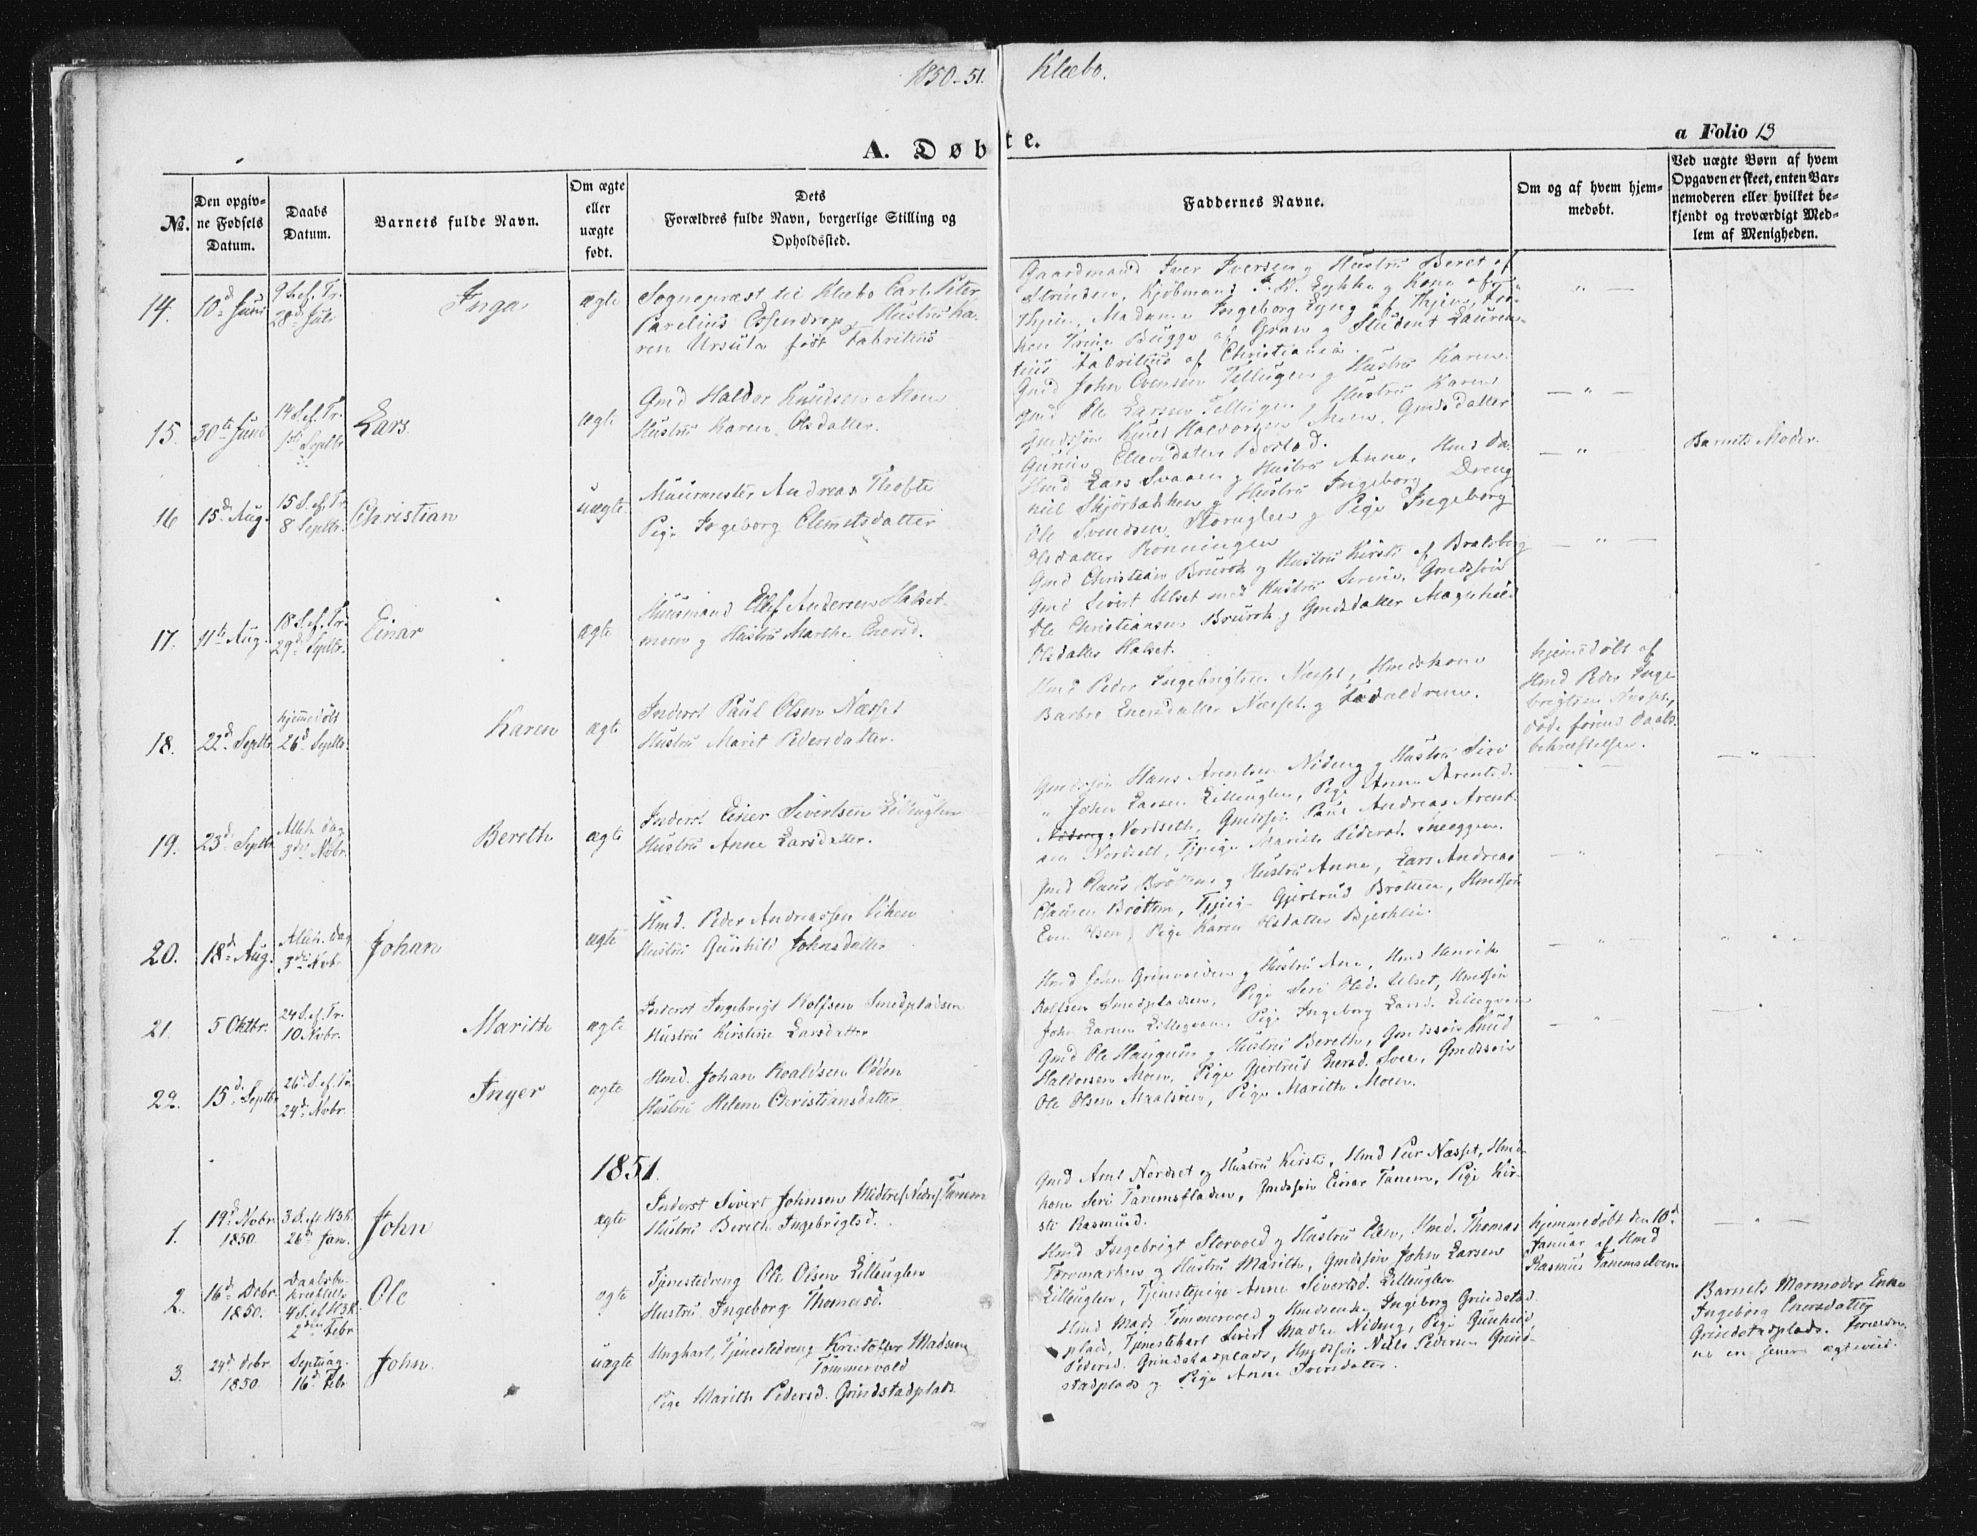 SAT, Ministerialprotokoller, klokkerbøker og fødselsregistre - Sør-Trøndelag, 618/L0441: Ministerialbok nr. 618A05, 1843-1862, s. 13